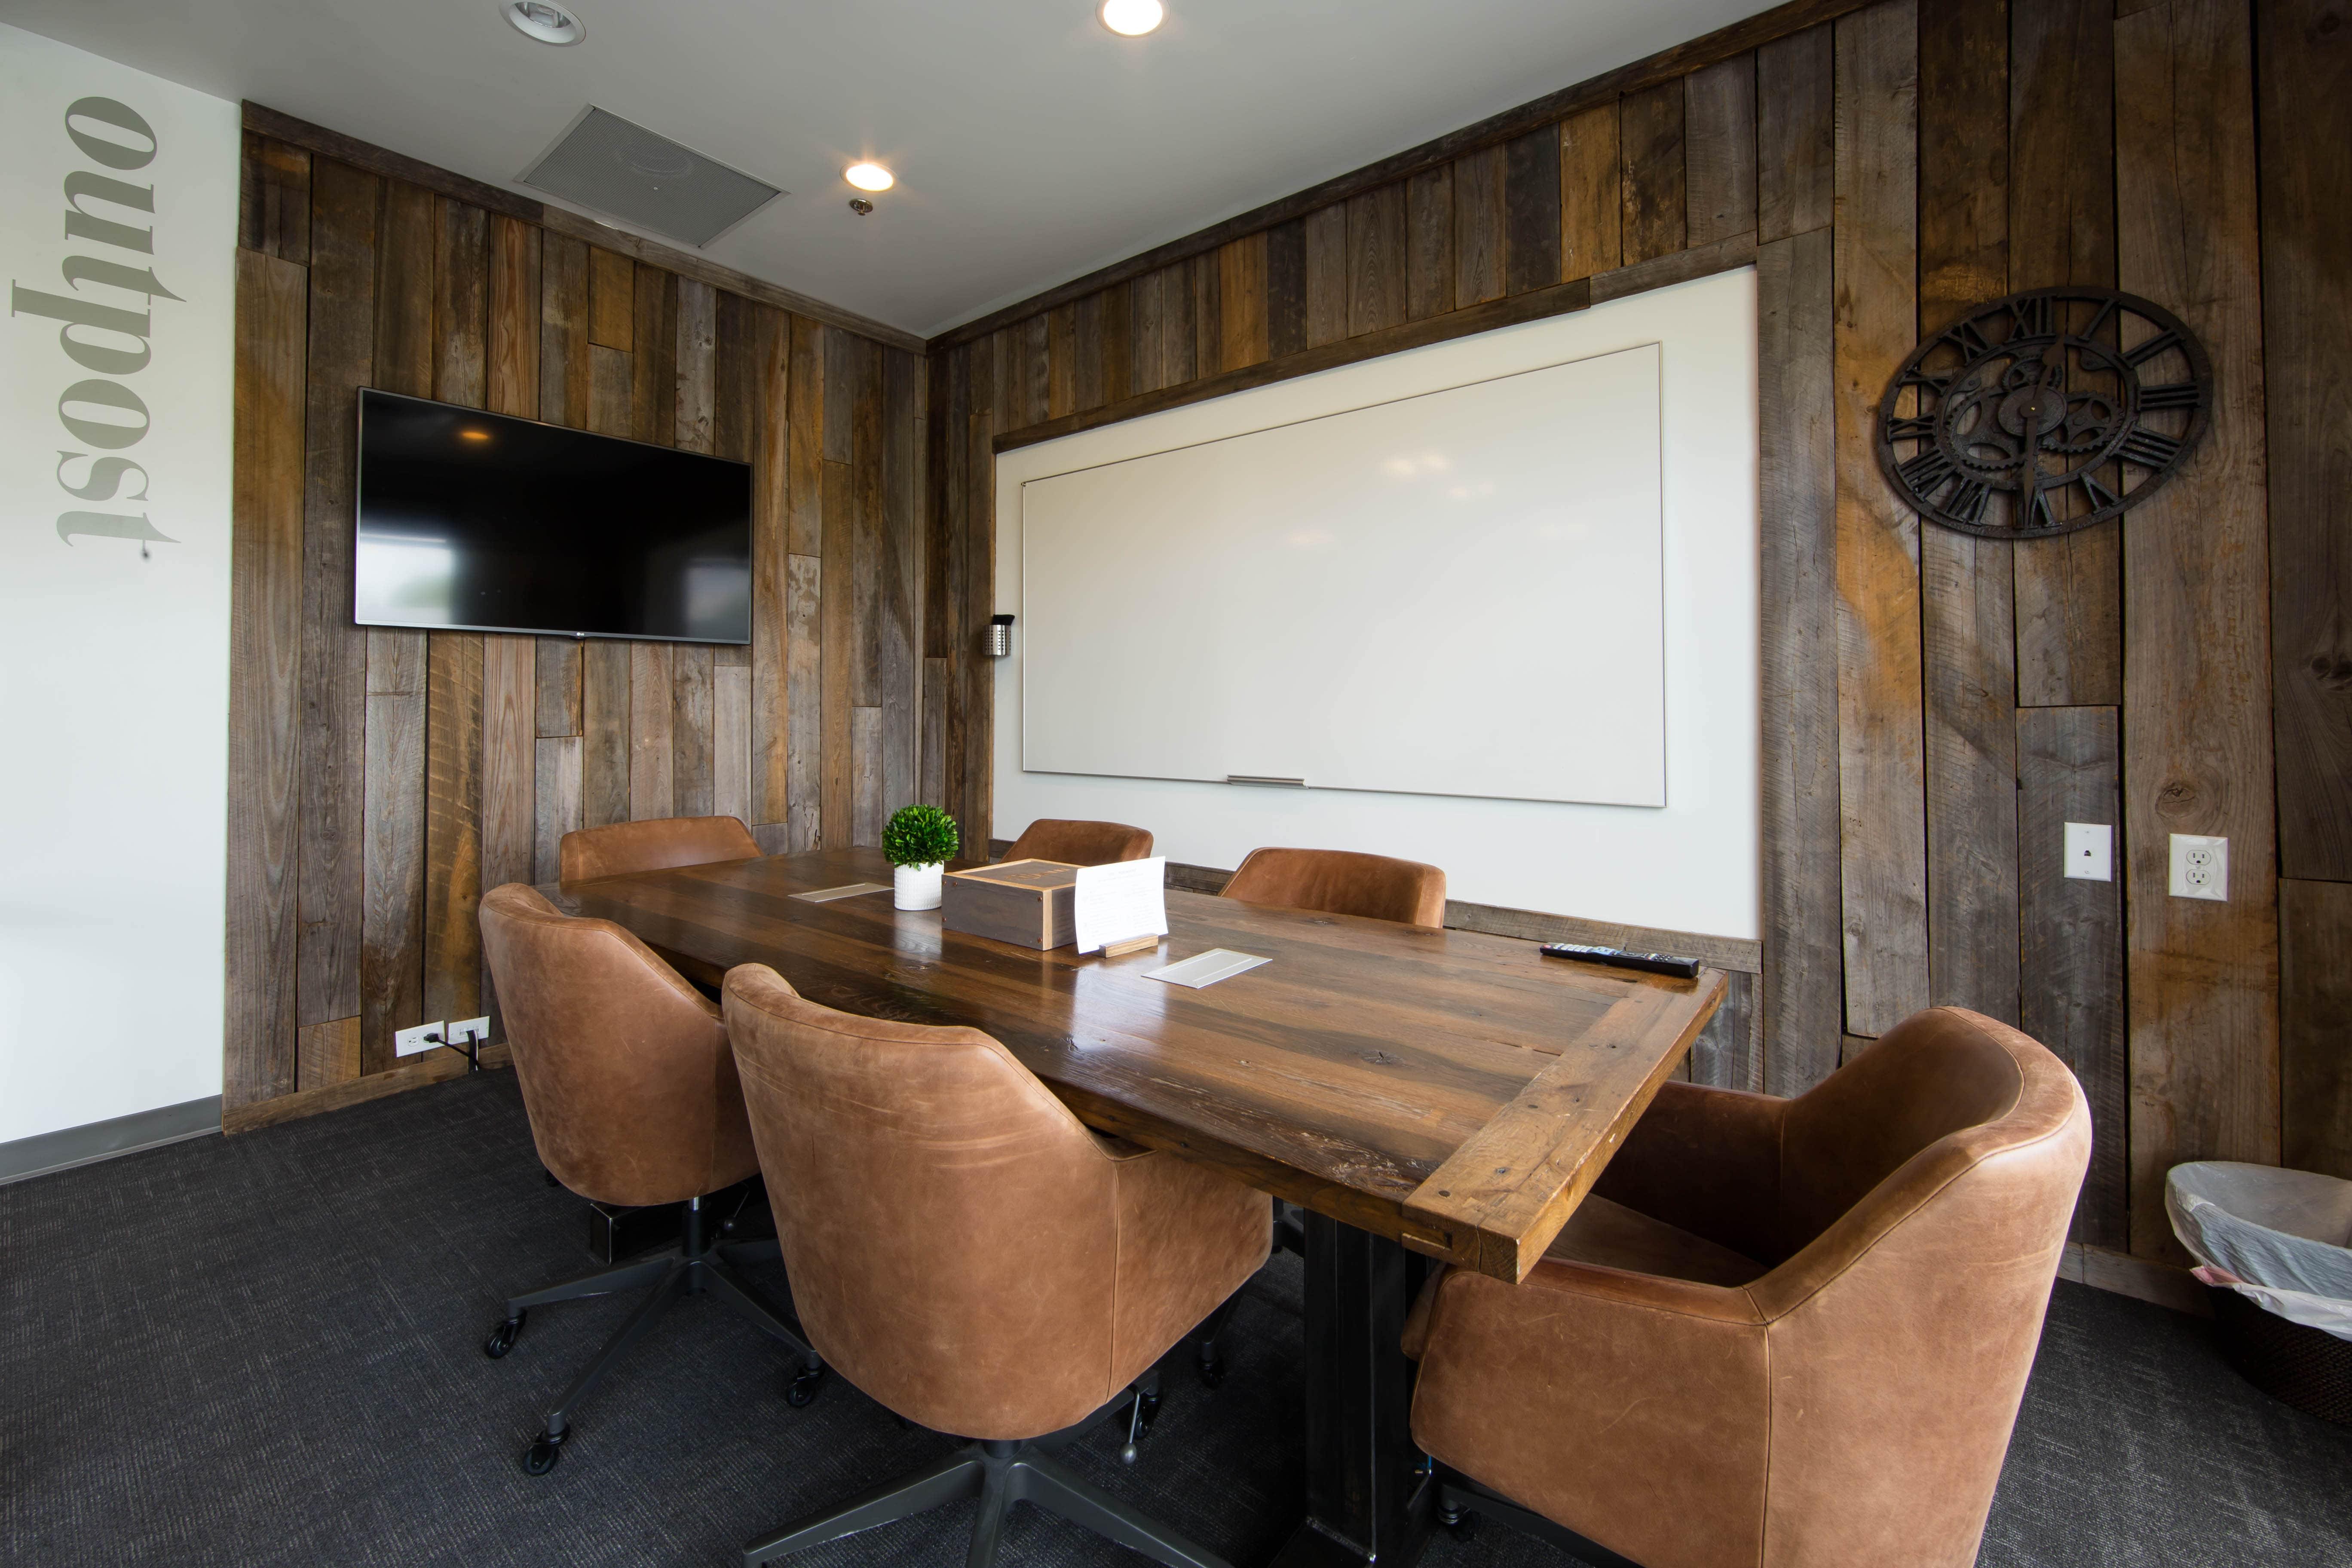 Luxury boardroom at Roam Alpharetta